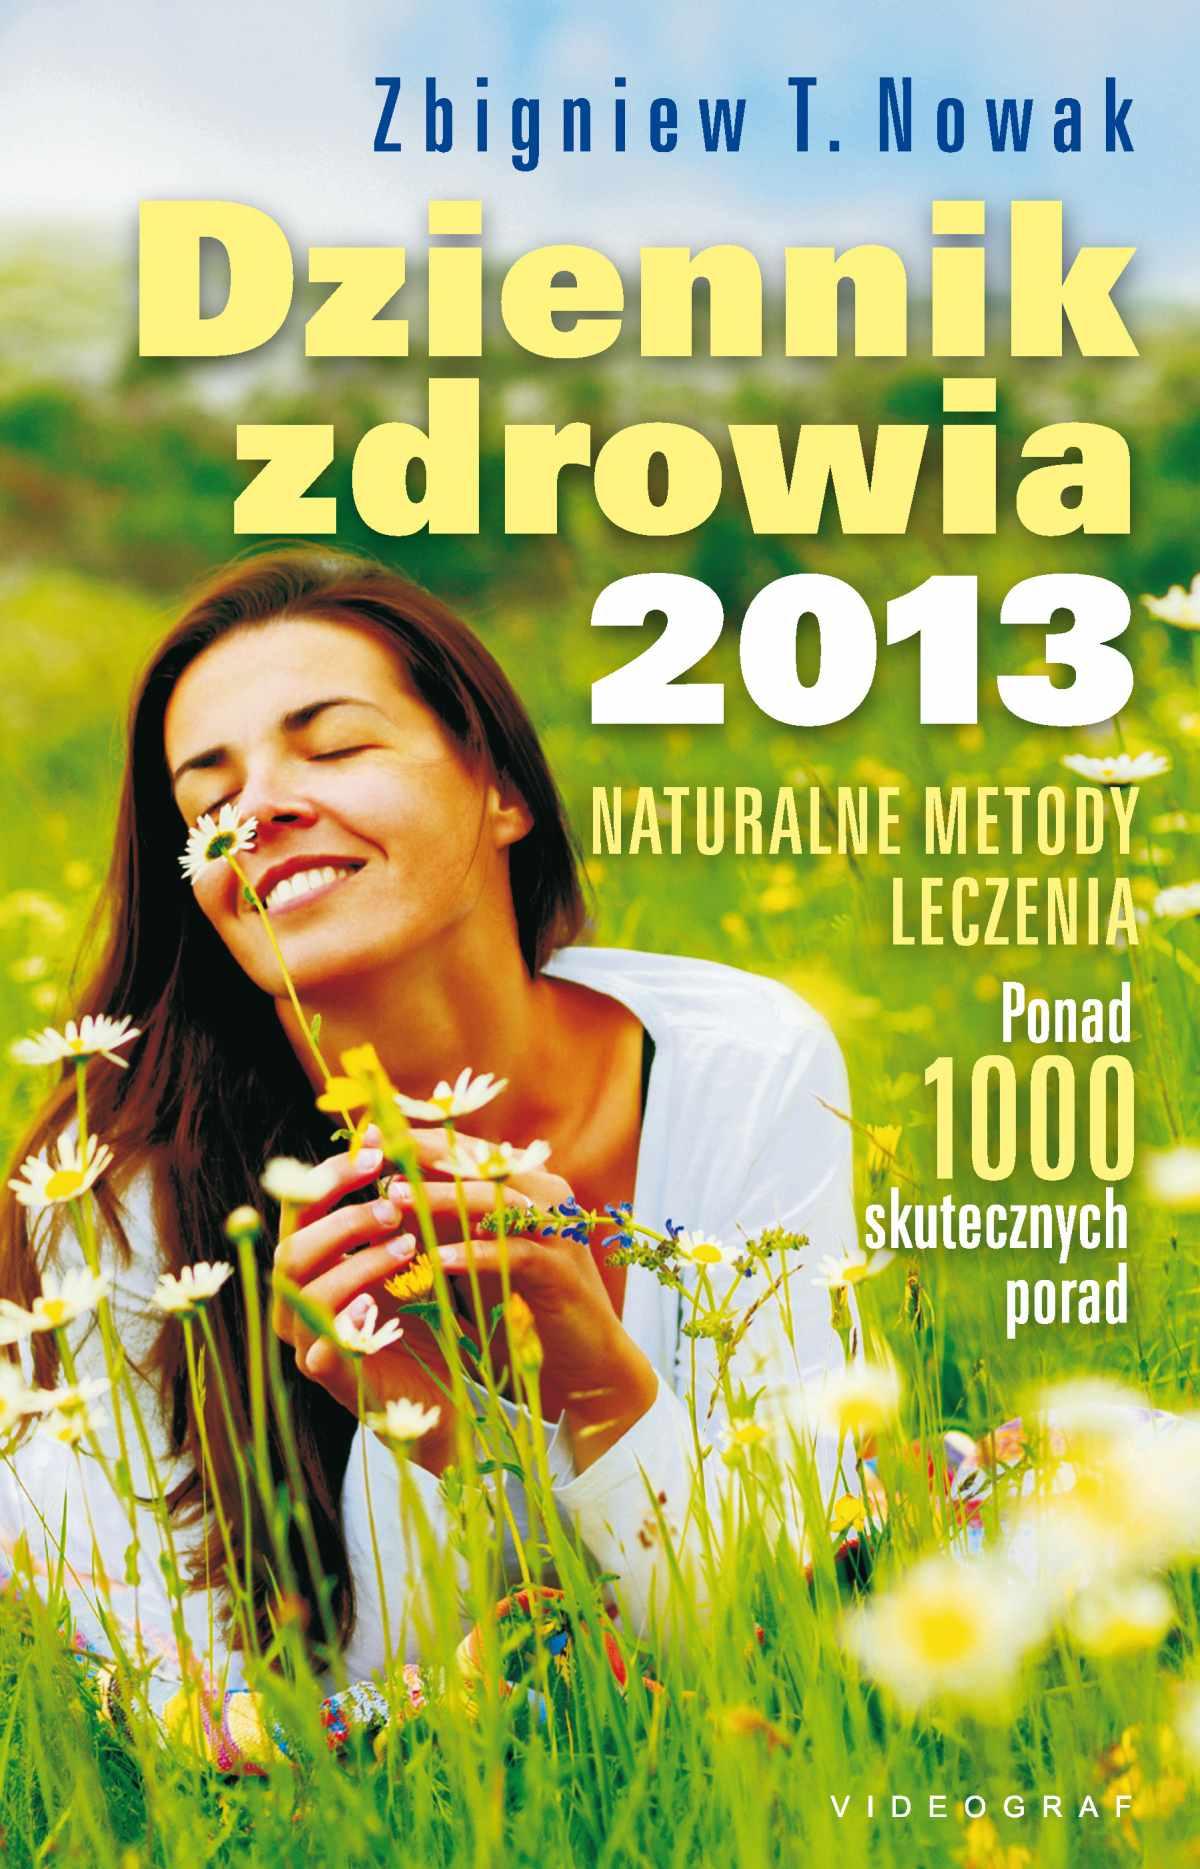 Dziennik zdrowia 2013. Naturalne metody leczenia - Ebook (Książka PDF) do pobrania w formacie PDF